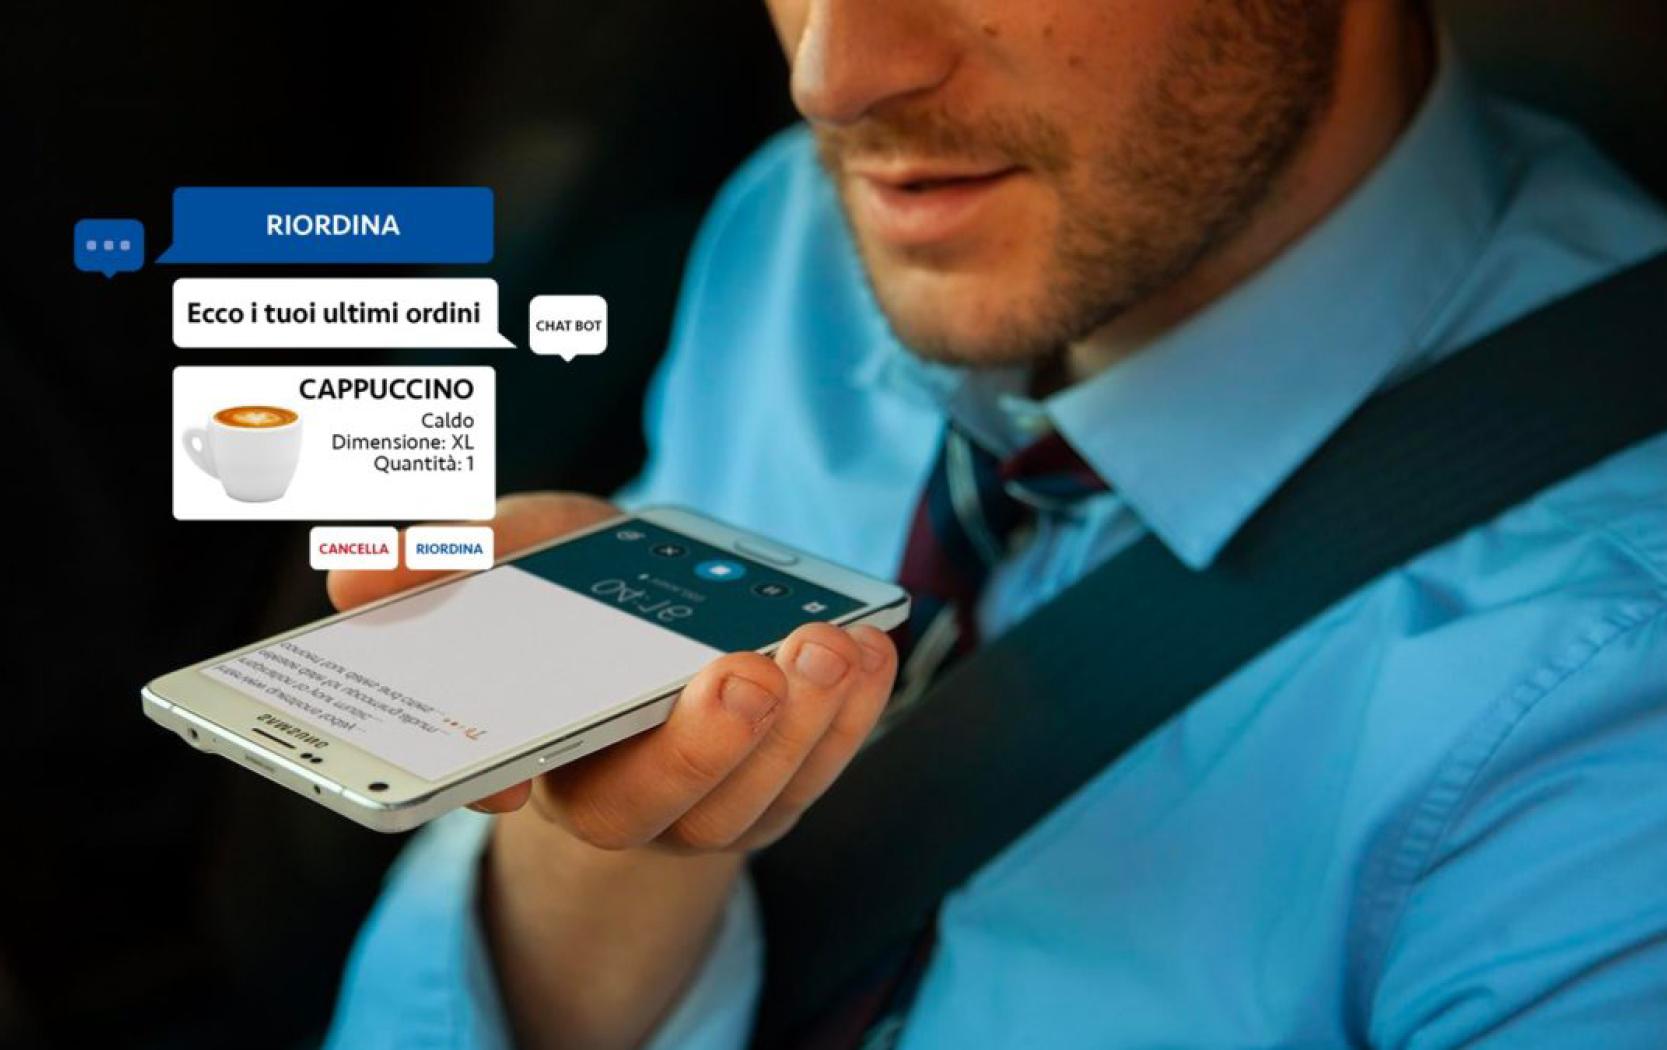 Come il Chatbot può migliorare il tuo business: vantaggi e benefici